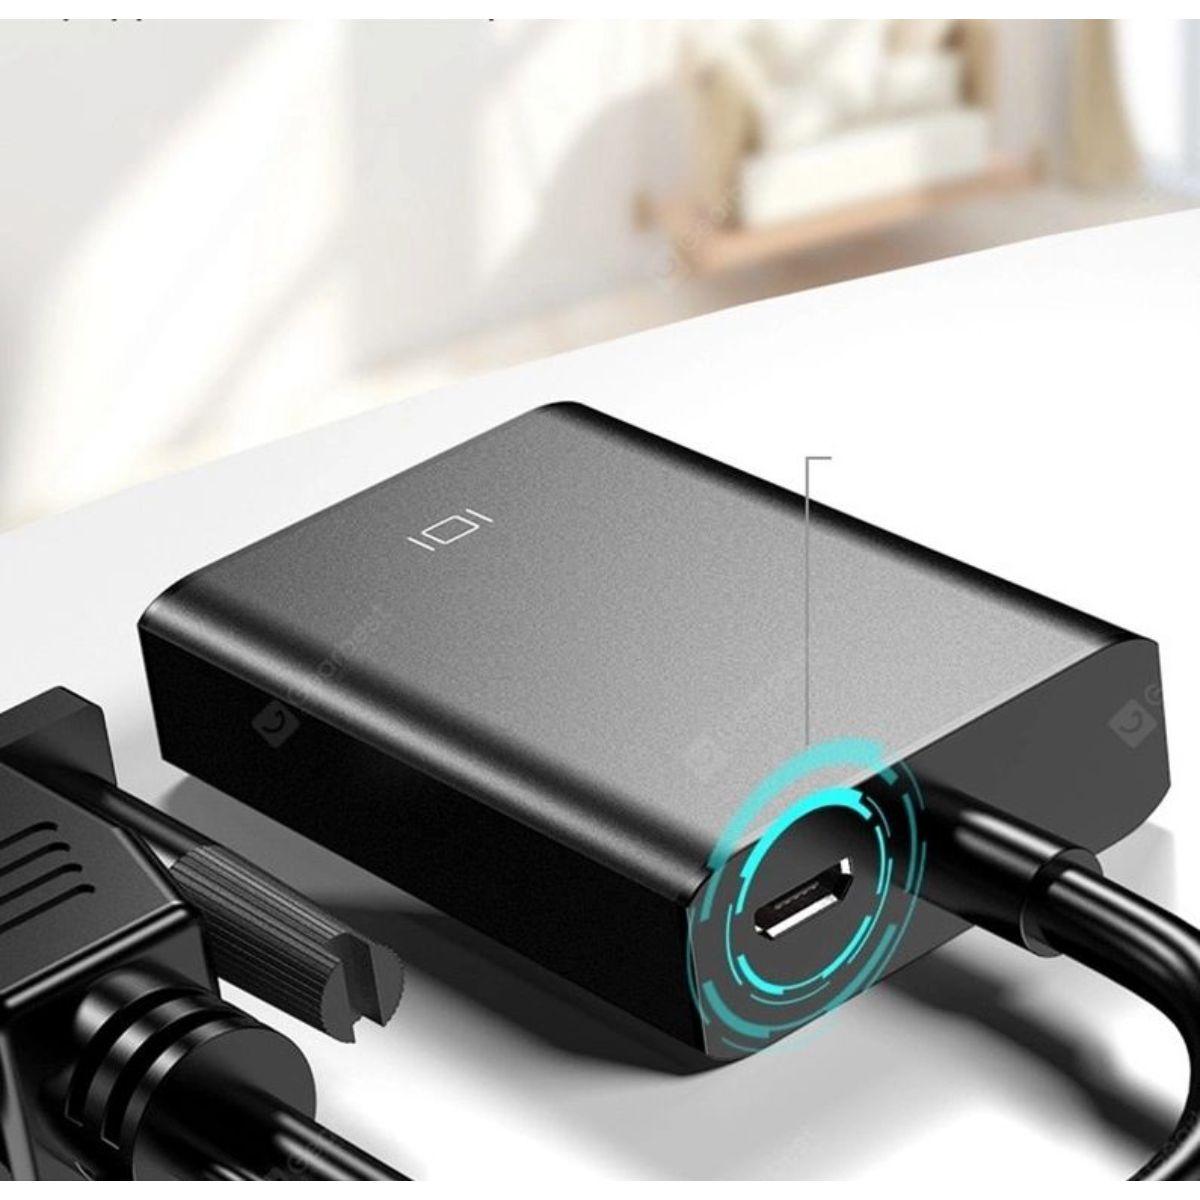 vga to hdmi adapter con audio 1